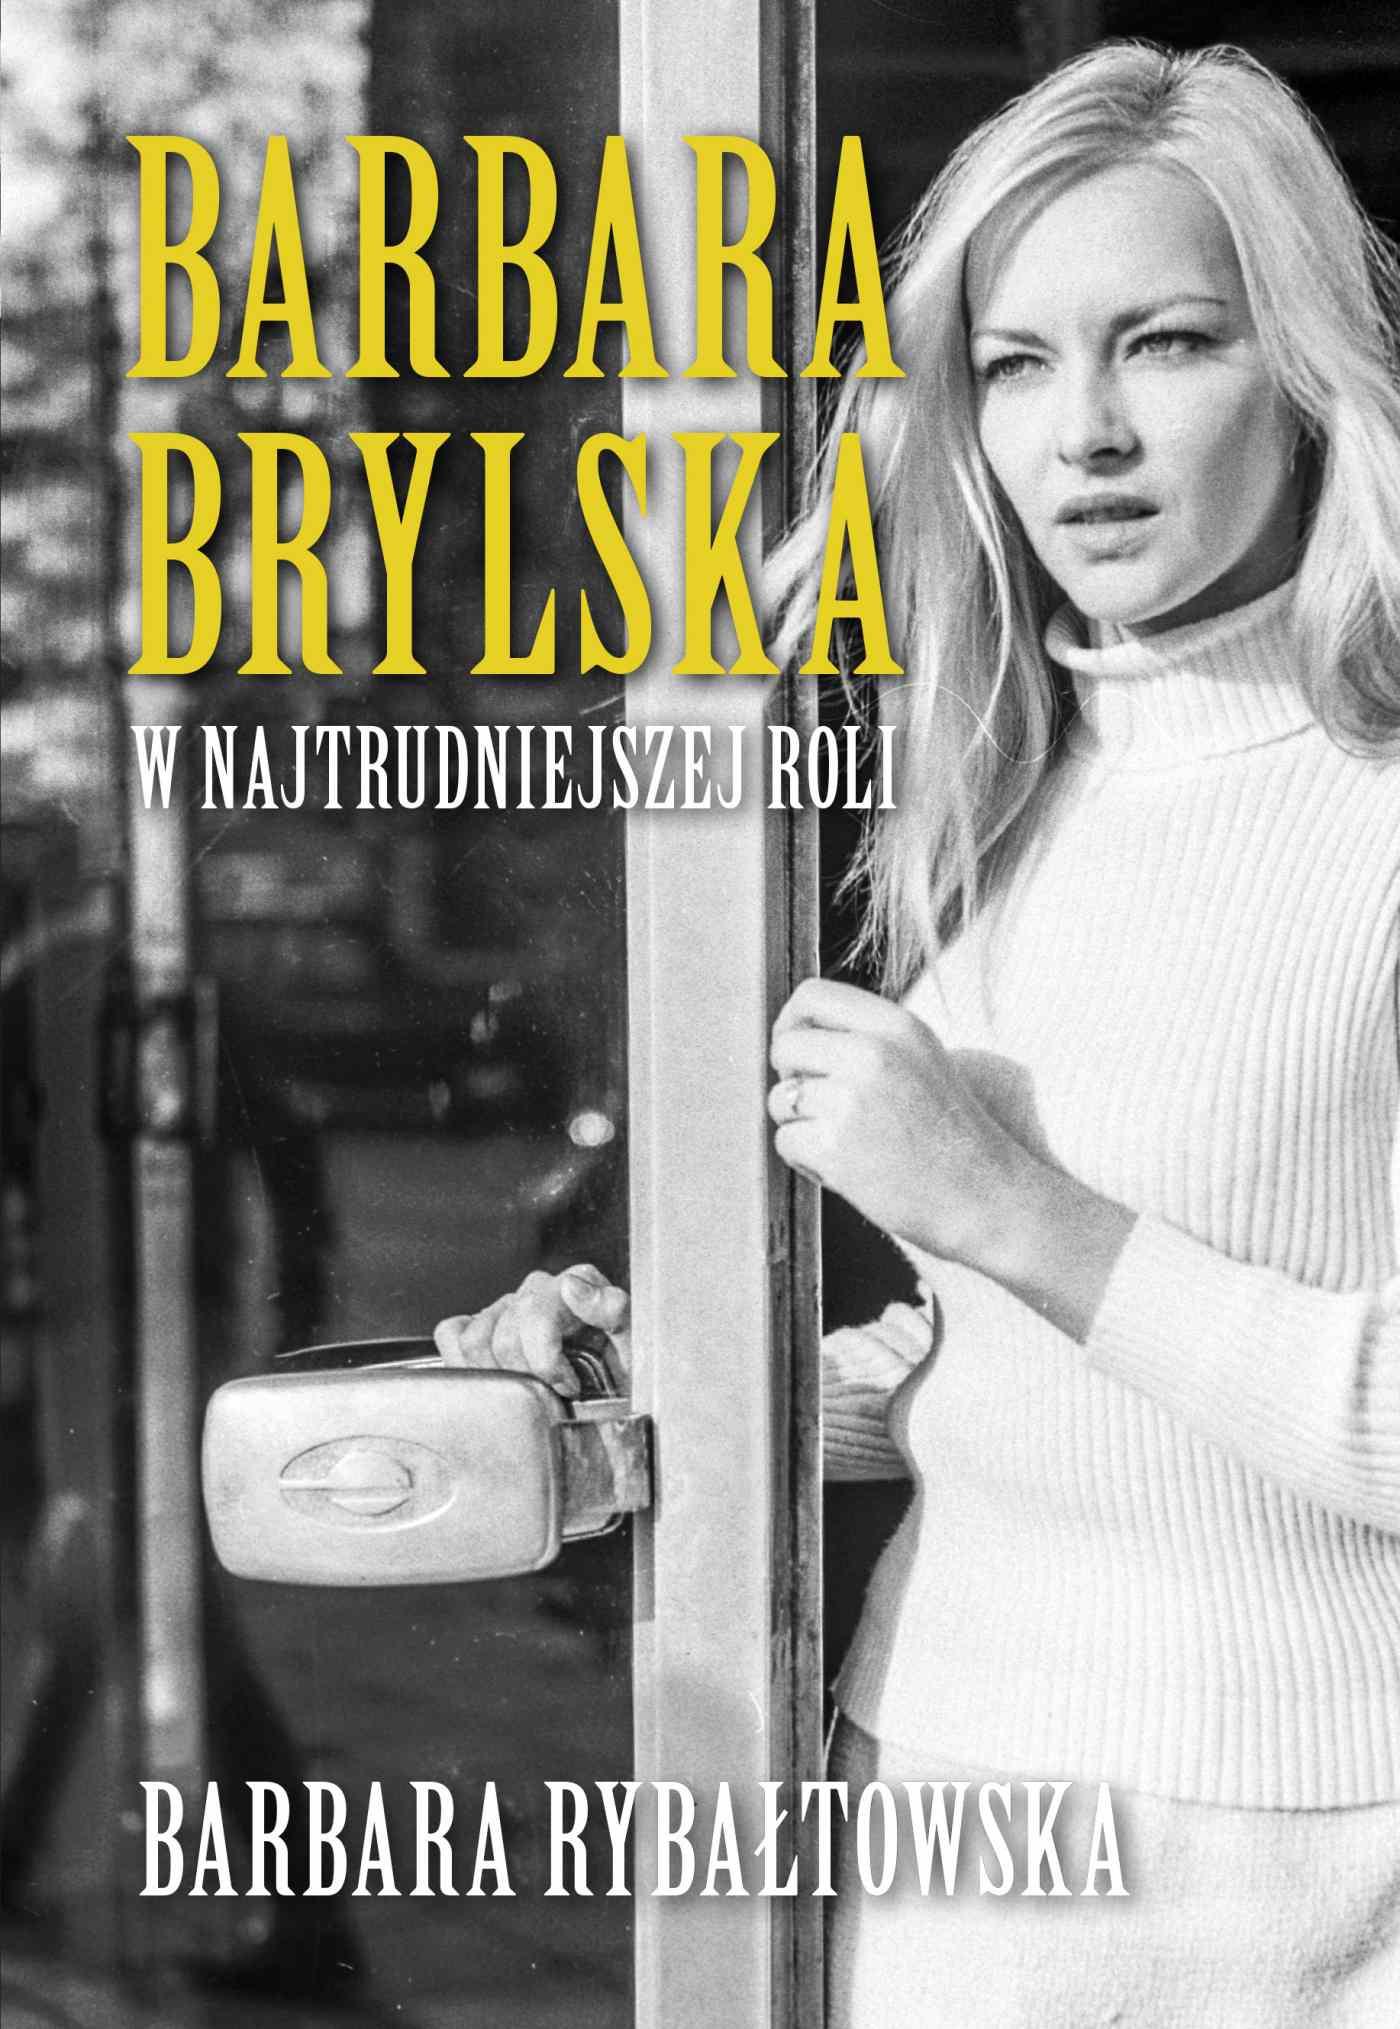 Barbara Brylska. W najtrudniejszej roli - Ebook (Książka EPUB) do pobrania w formacie EPUB